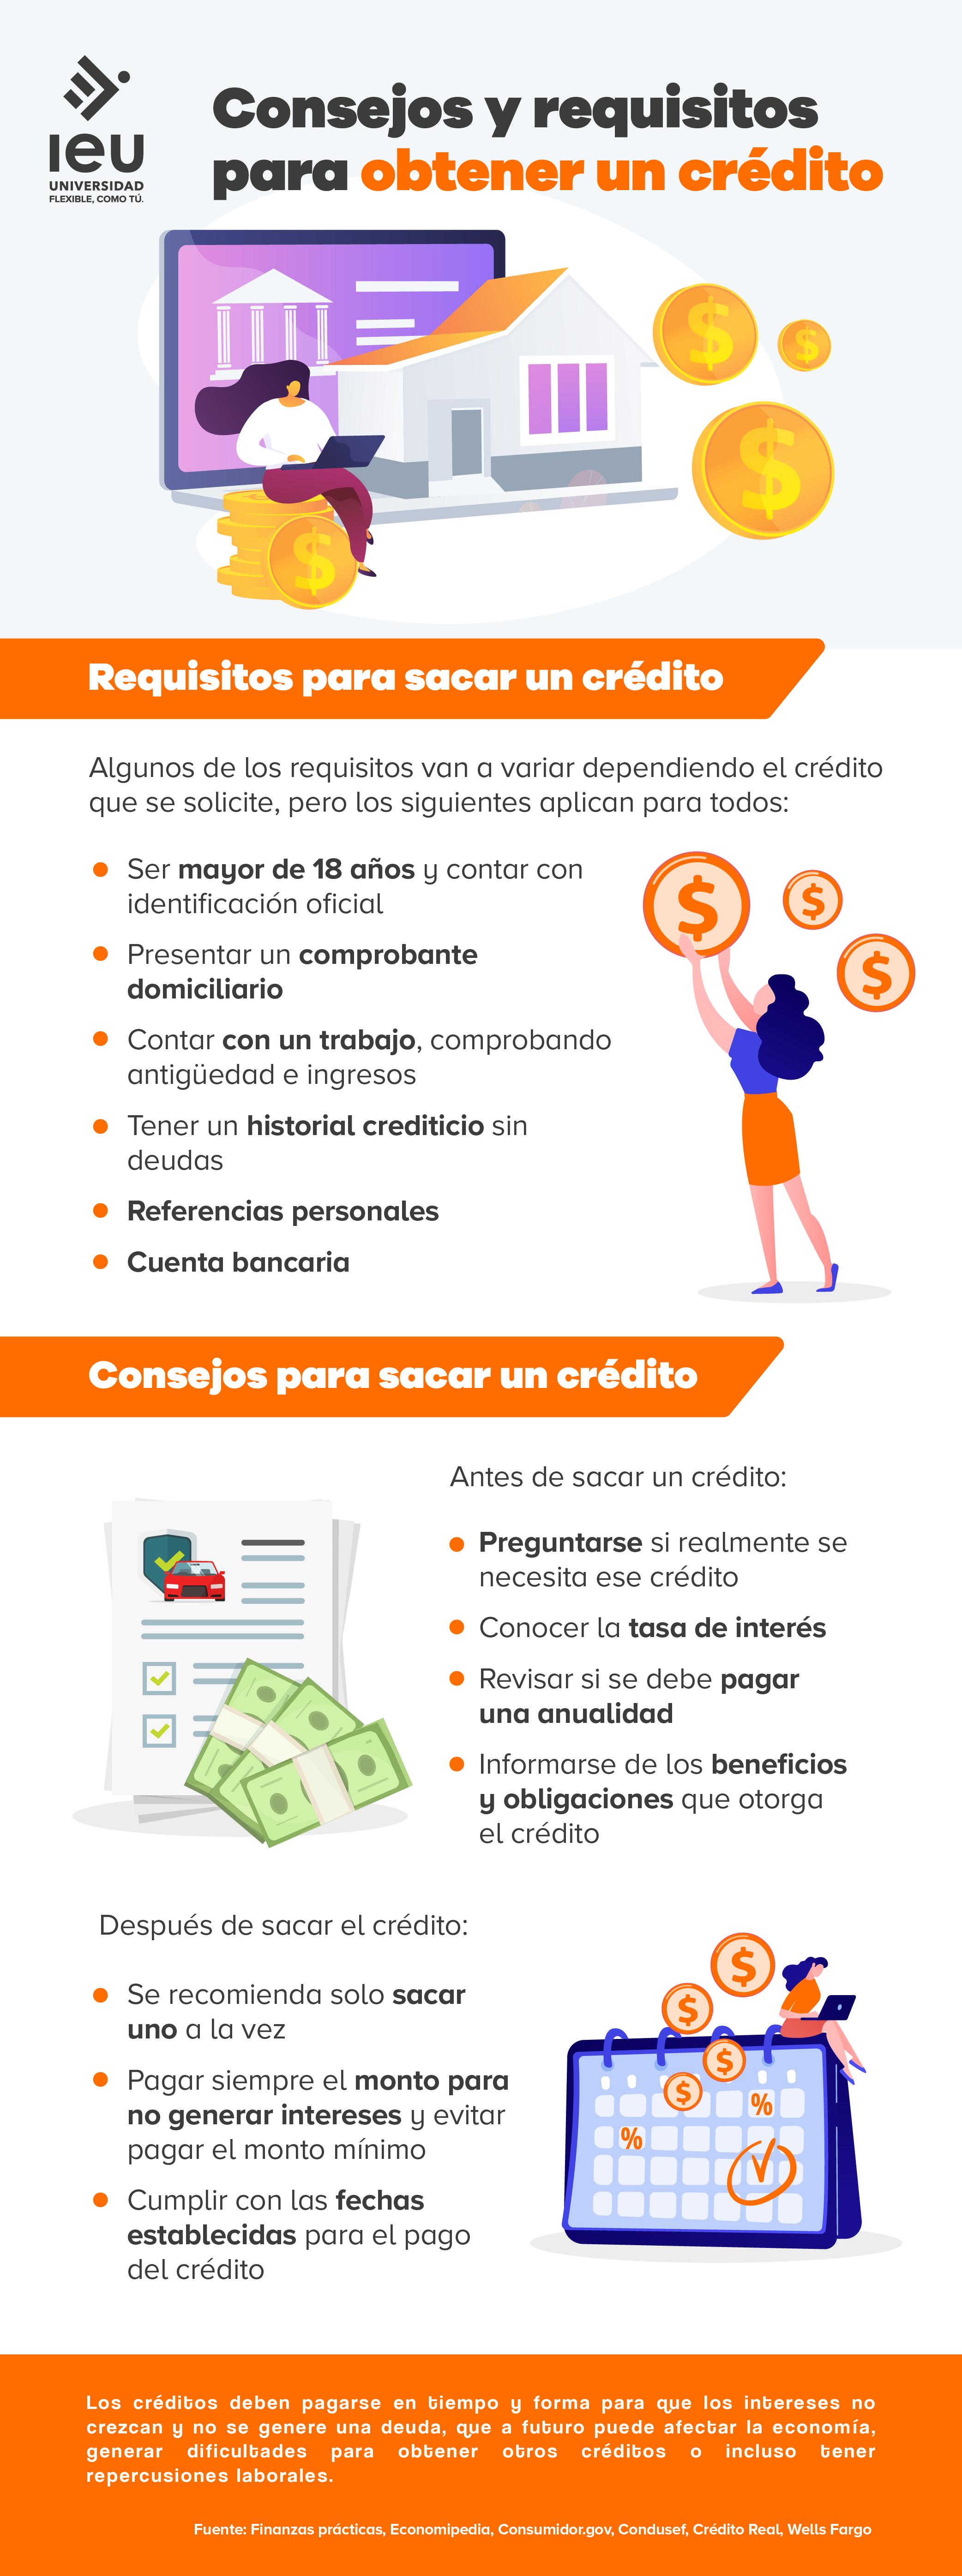 tipo de créditos, consejos y requisitos para obtenerlos infografia